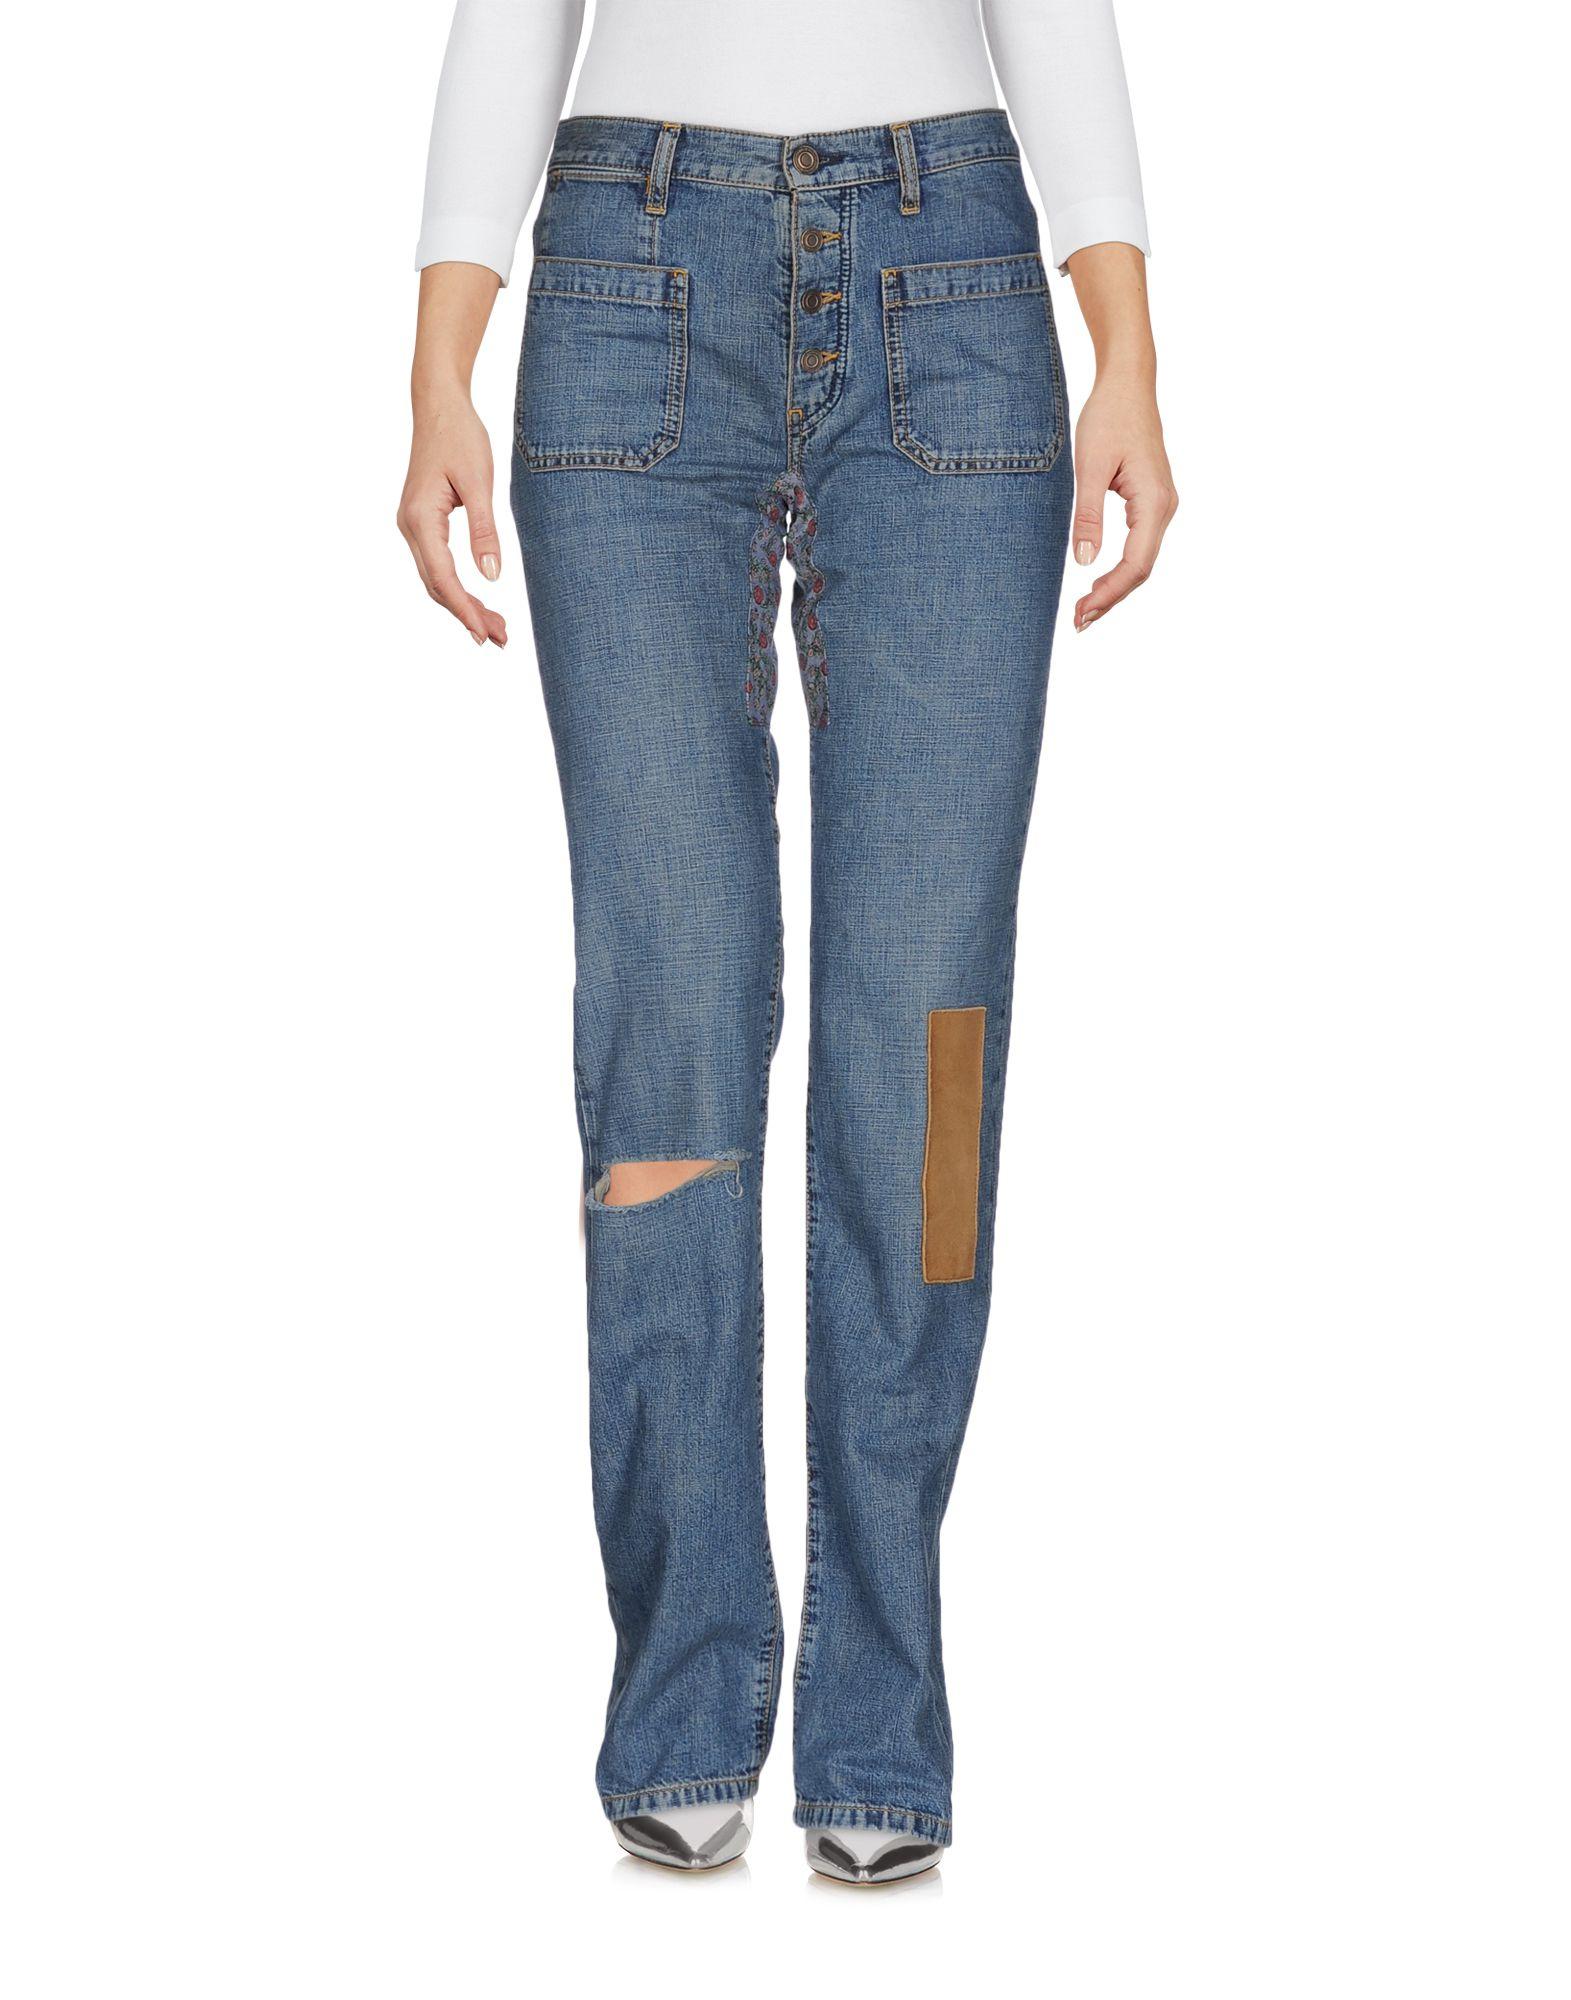 Pantaloni Jeans Saint Laurent Donna - Acquista online su vfgvuHYh14